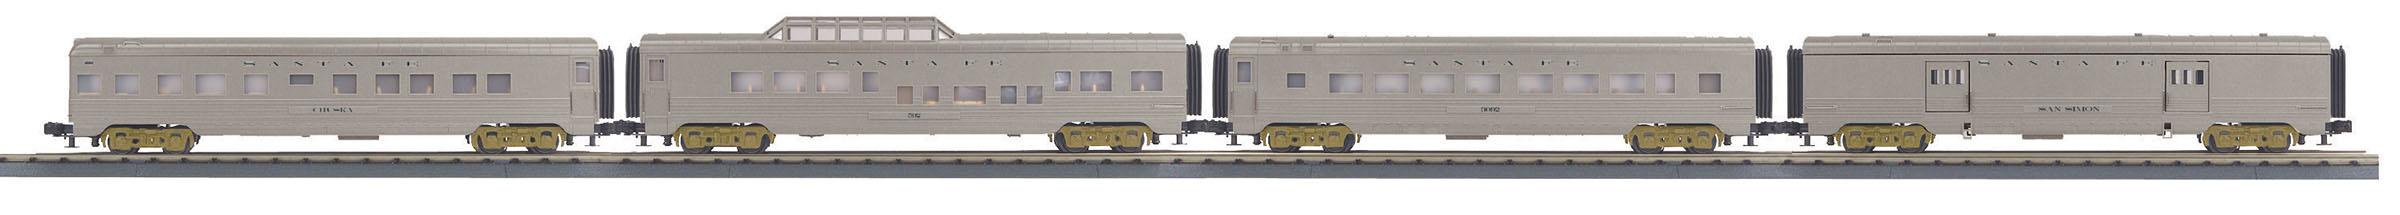 MTH 30-68152 4 Car 60' Streamlined Passenger Set 3 Rail RailKing Santa Fe